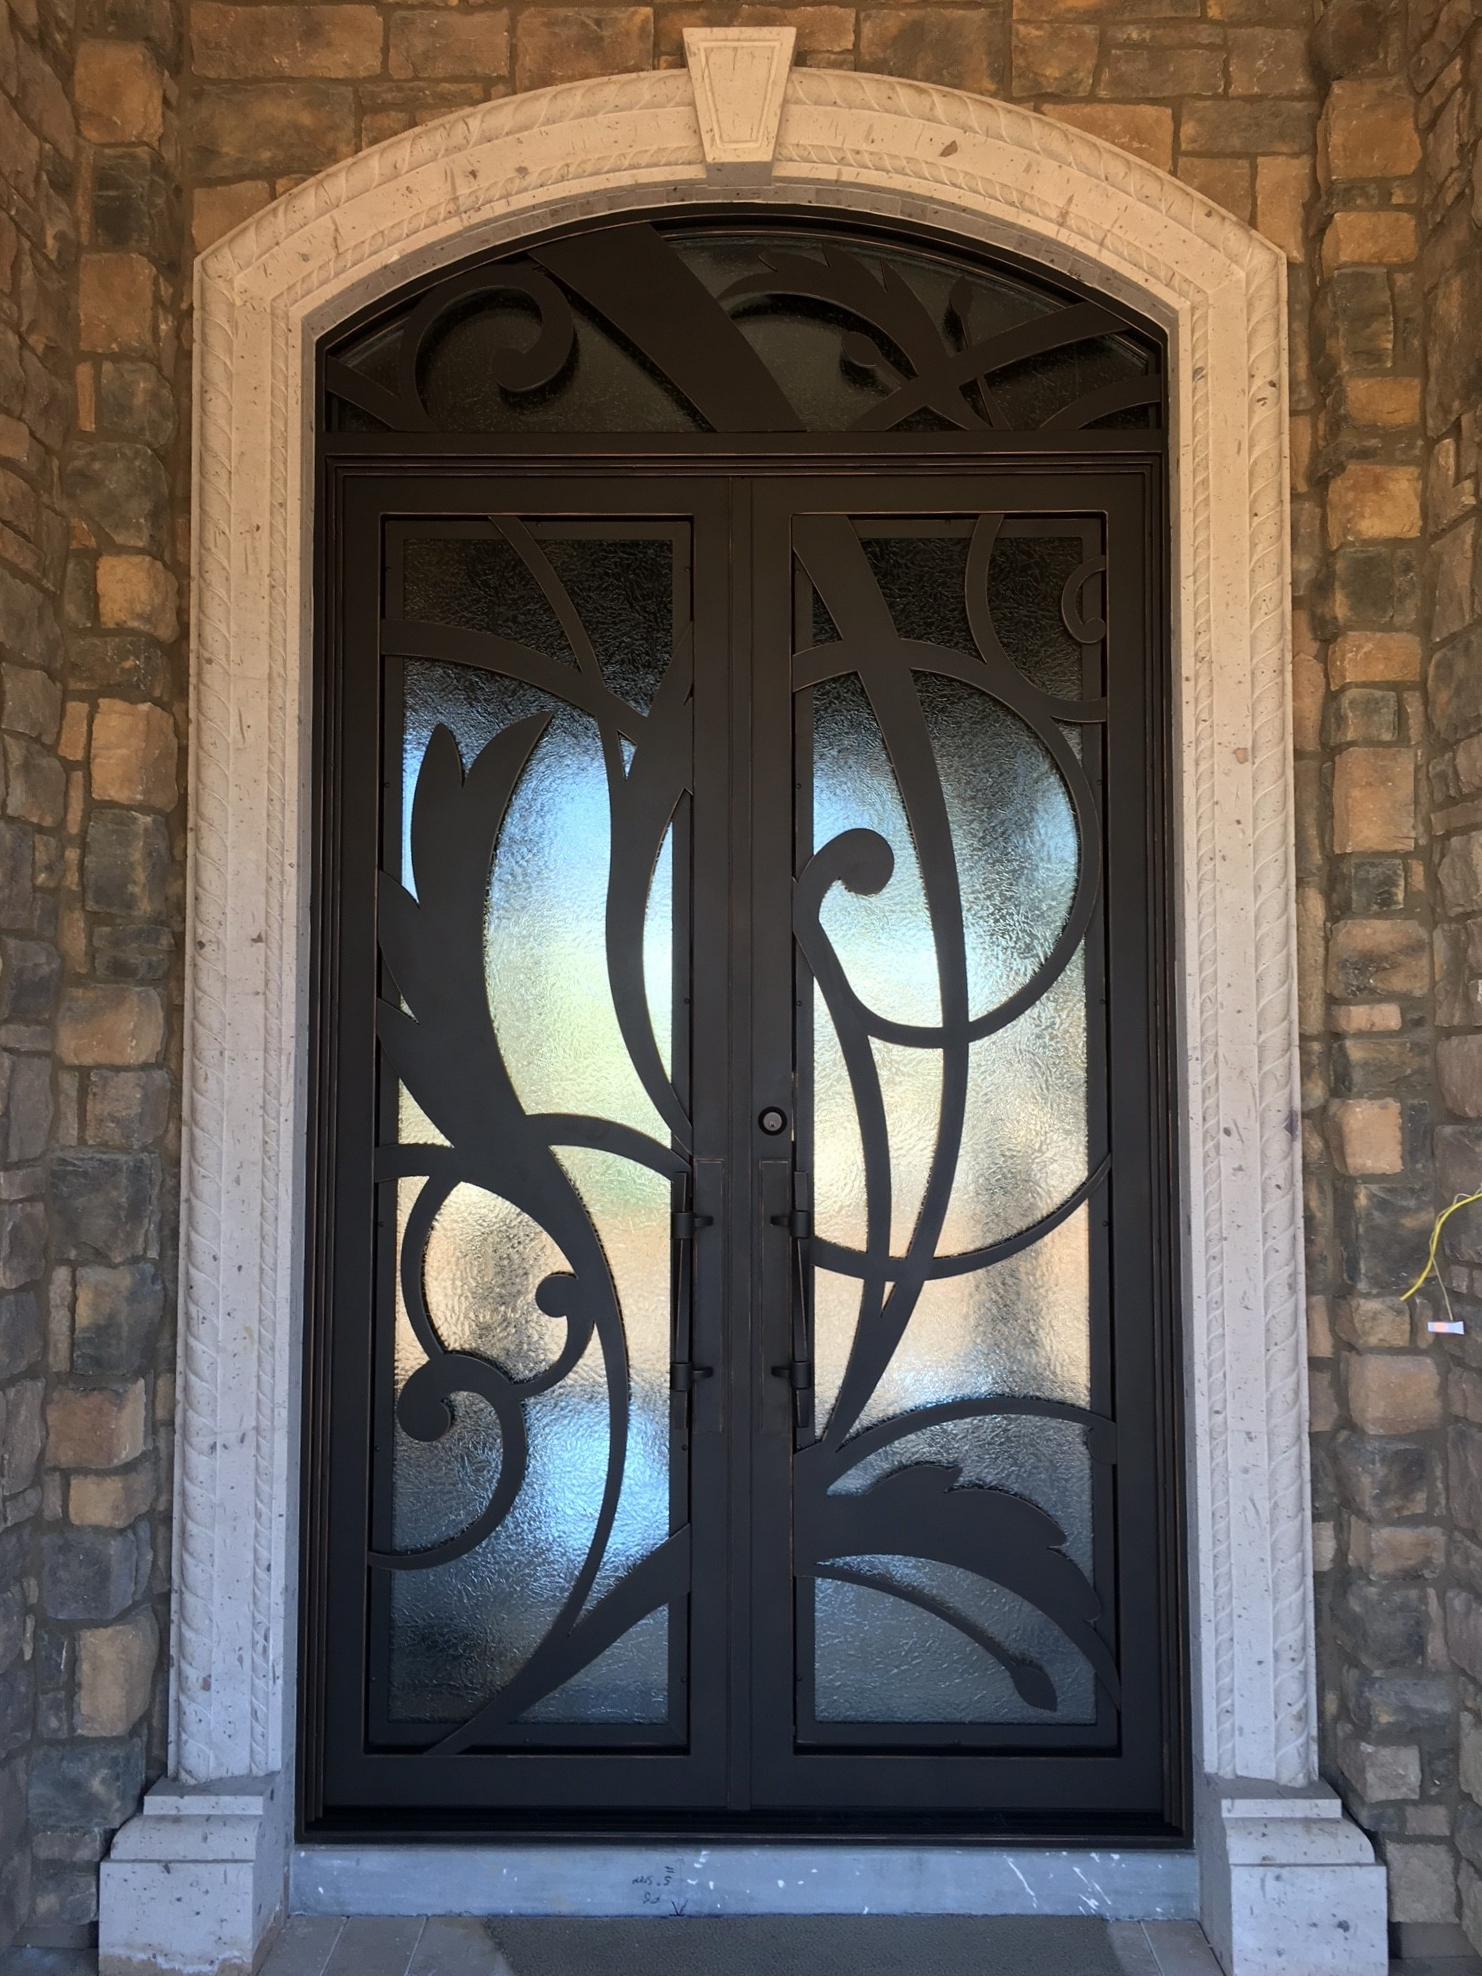 CONTEMPORARY STEEL AND GLASS DOOR 11